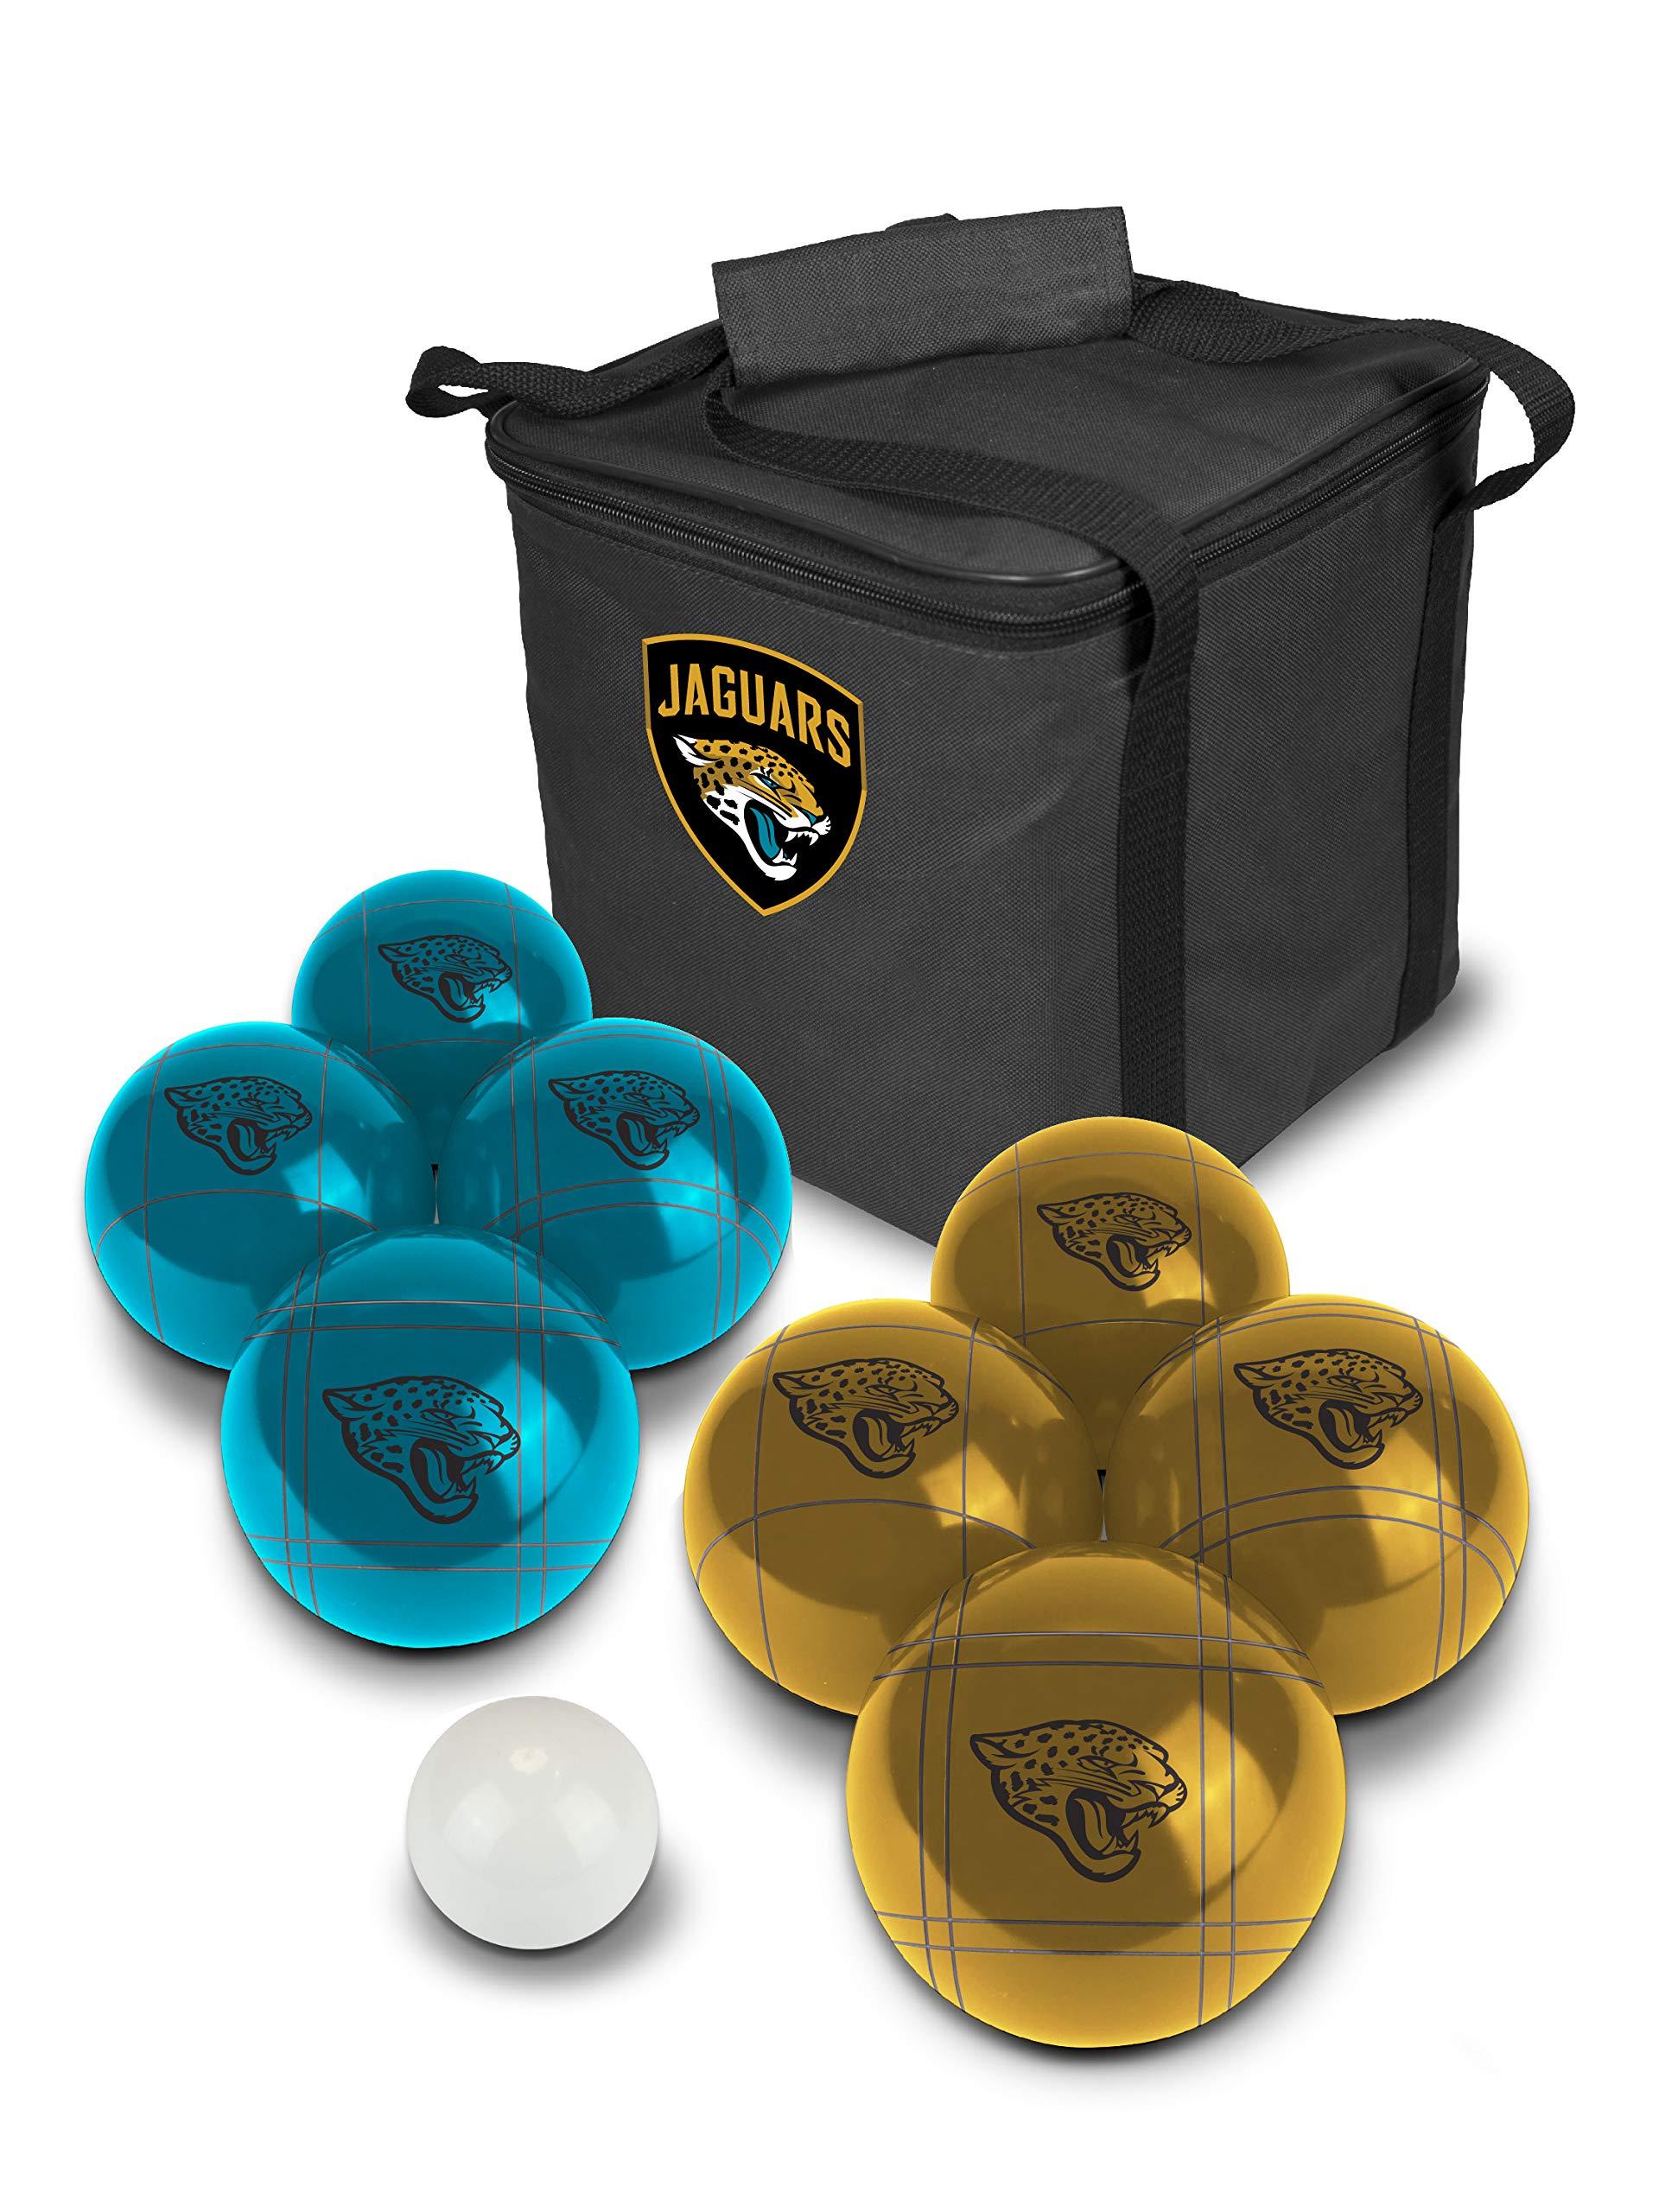 PROLINE NFL Jacksonville Jaguars Bocce Ball Set by PROLINE (Image #1)